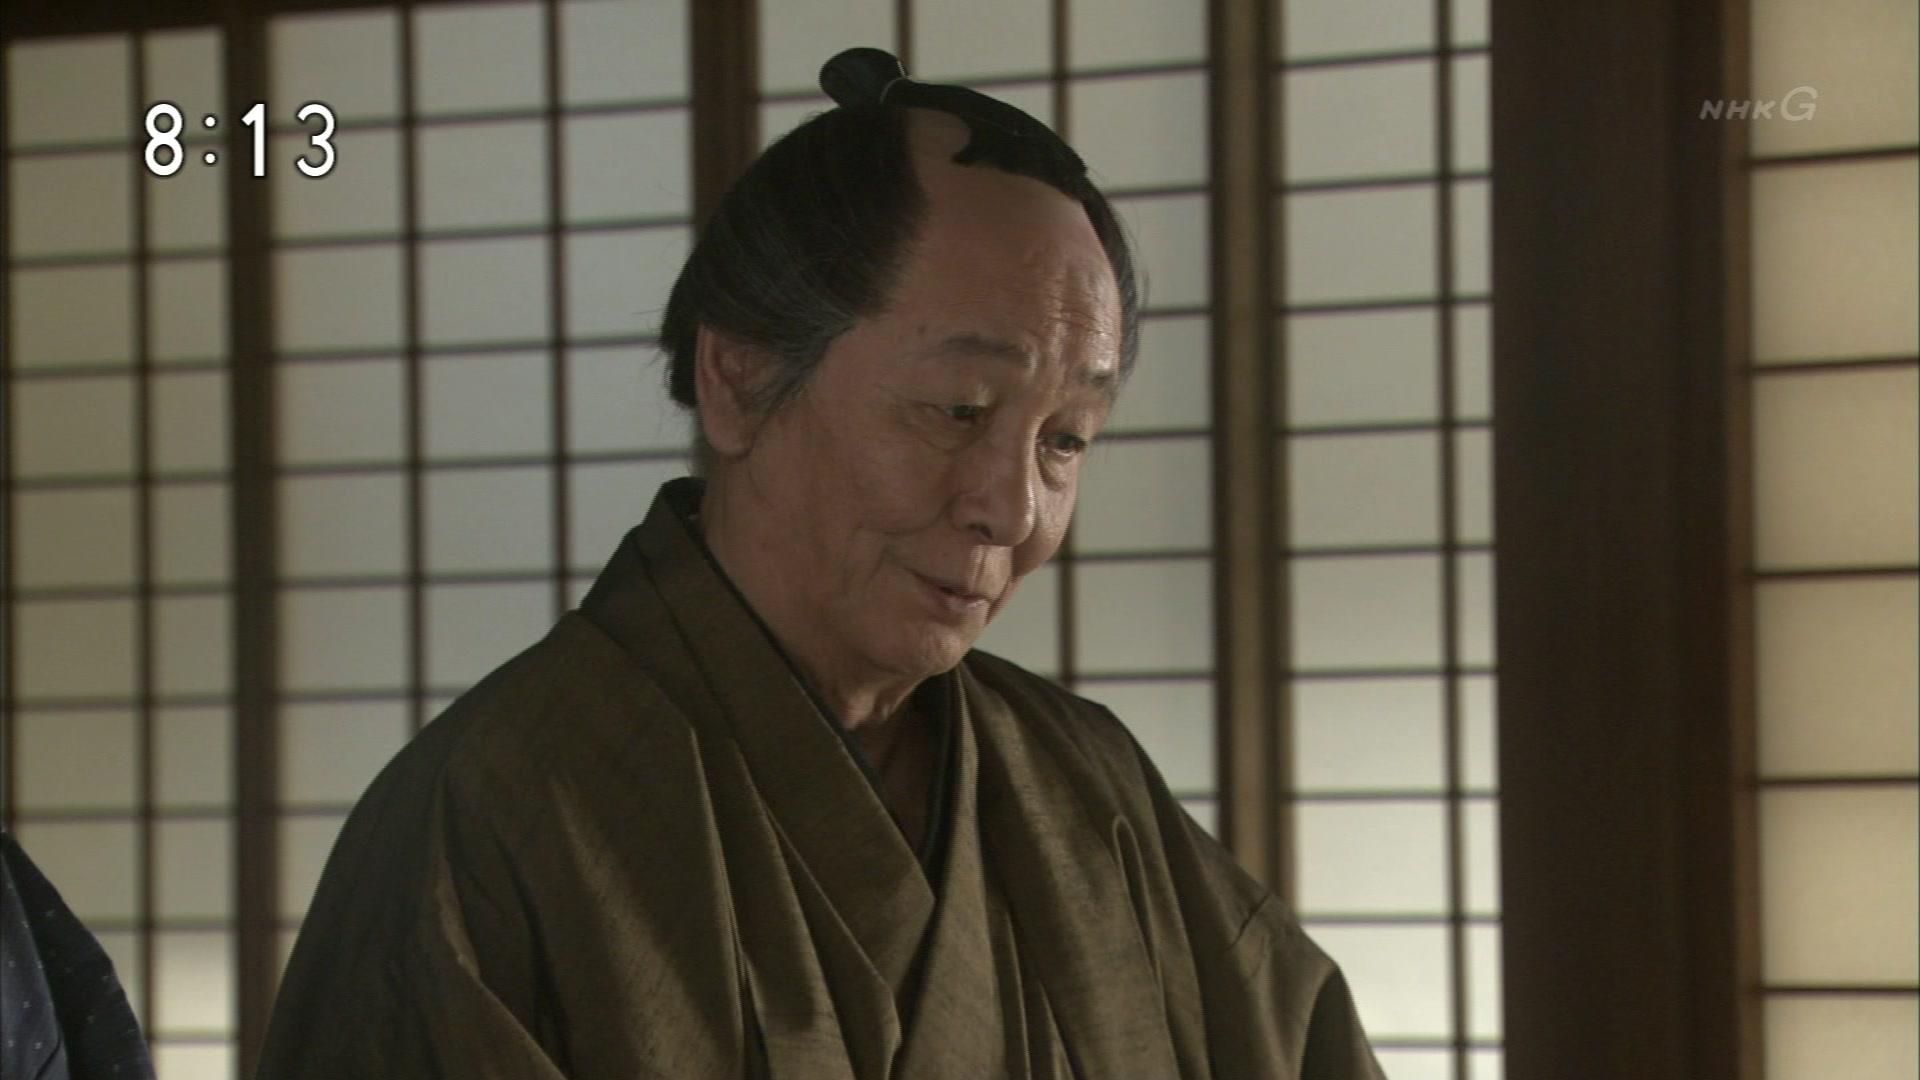 2015-10-09 08:00 連続テレビ小説 あさが来た(11)「ふたつの花びら」 2505